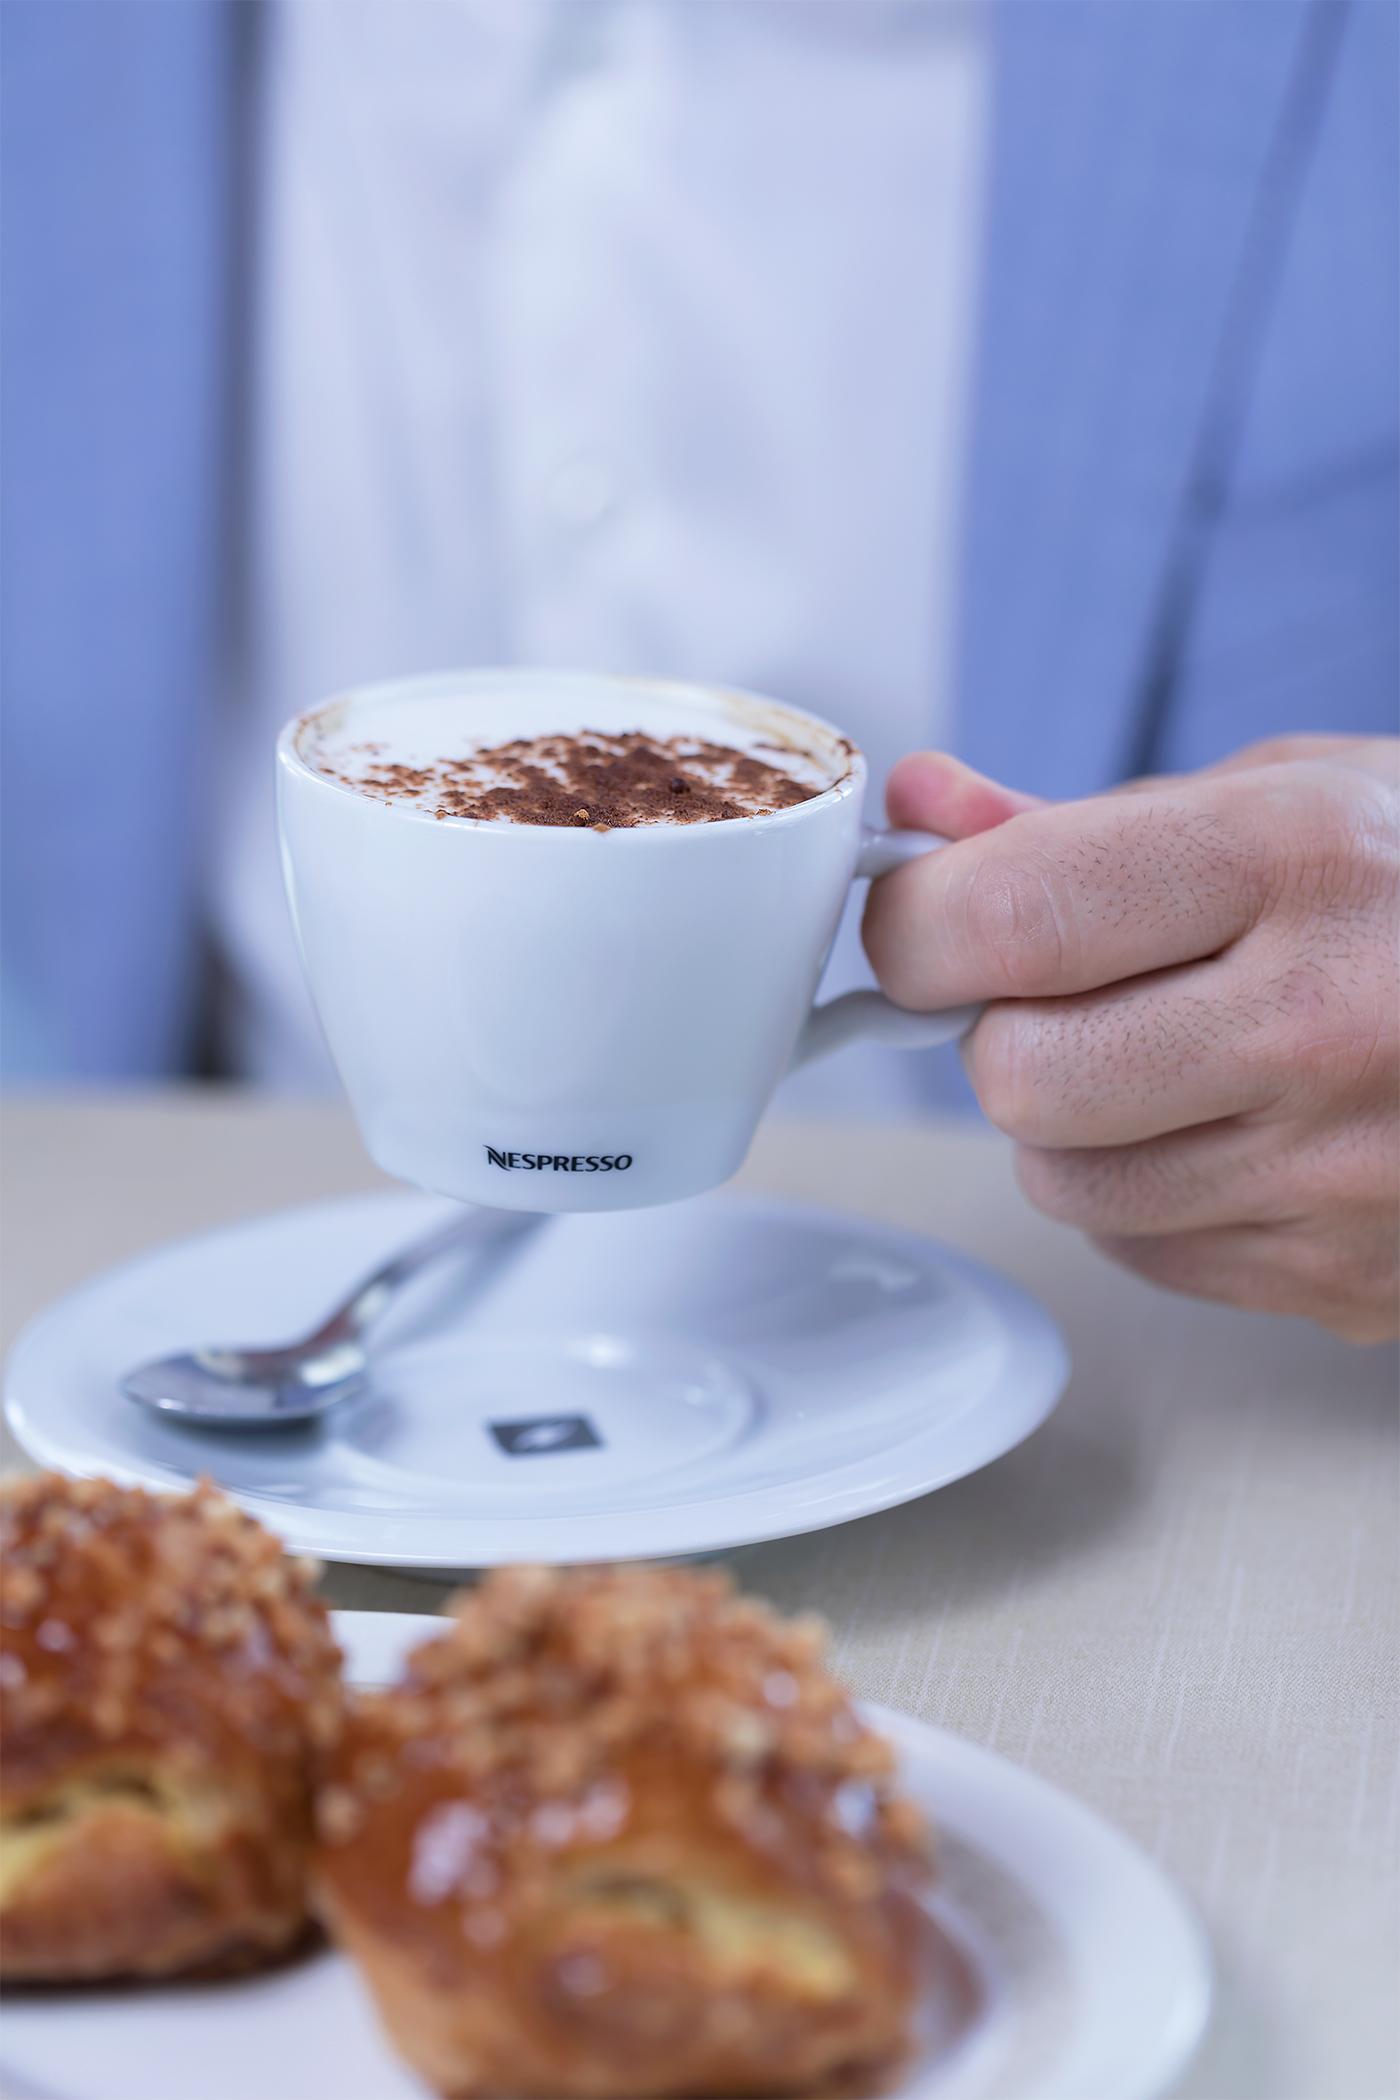 Nespresso-cafe-coffee-capuccino-El-Higueron-Restaurante-Bar-fuengirola-Sr-Erreka-films-photo-malaga-madrid-spain-commercial-photographer-fotografia-publicidad-contenidos-de-marca-diego-erreka-desayuno.jpg